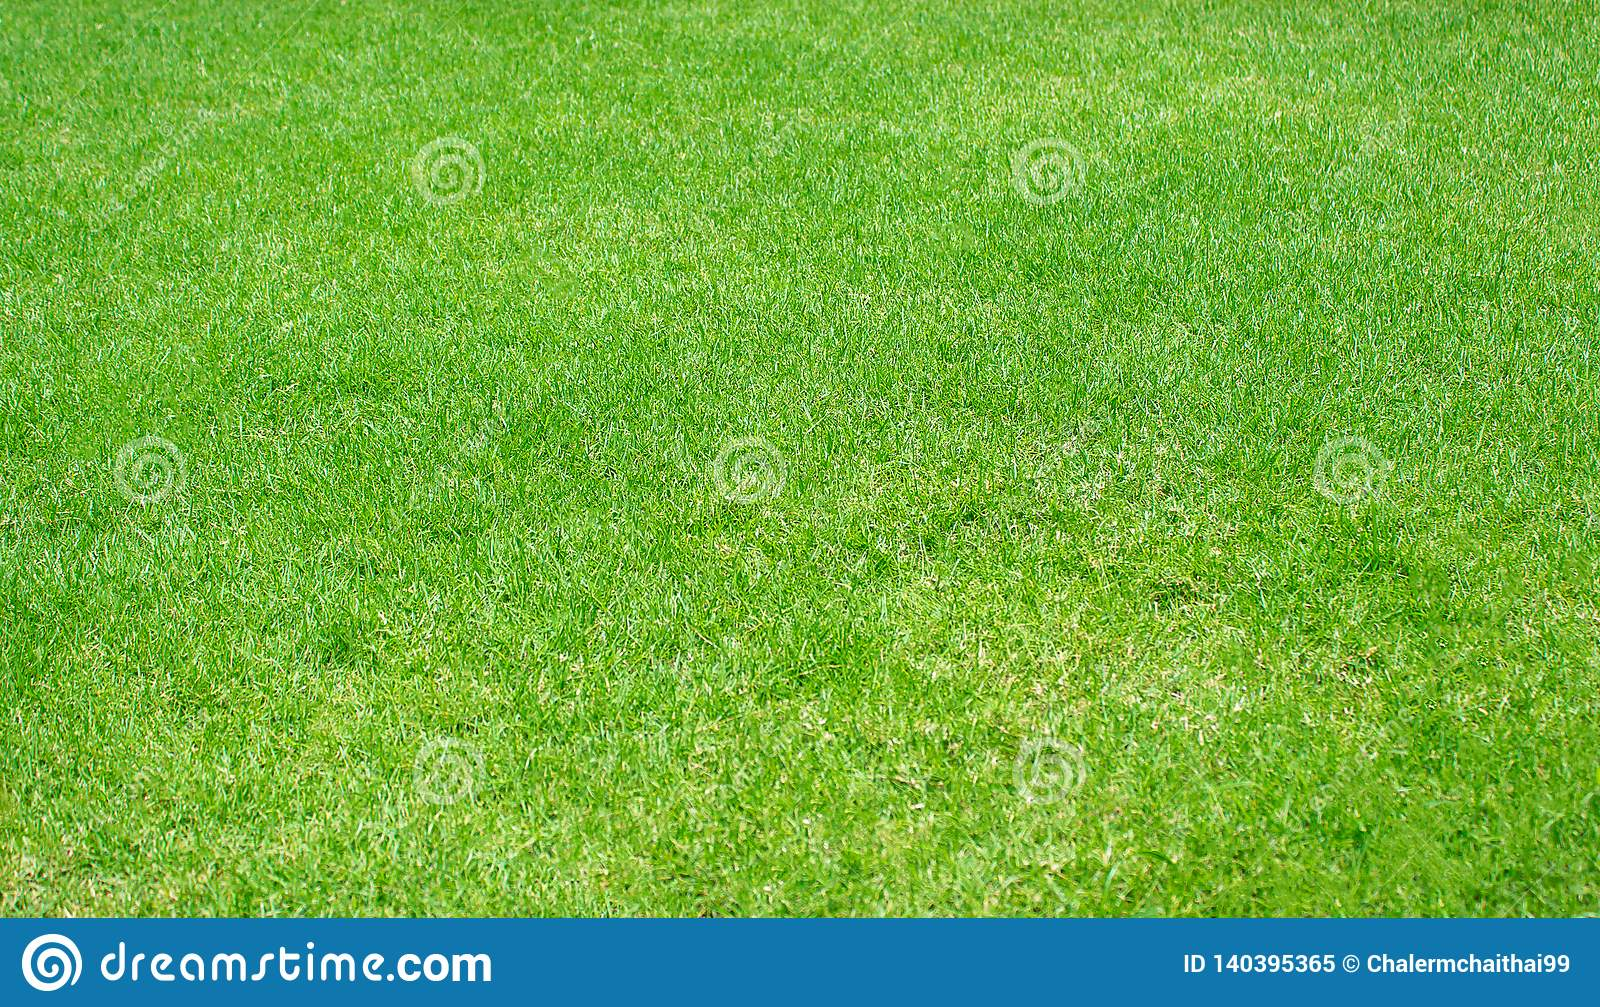 Grön texturerad bakgrund för gräsmatta modell, nytt grönt manicured gräsmattaslut upp